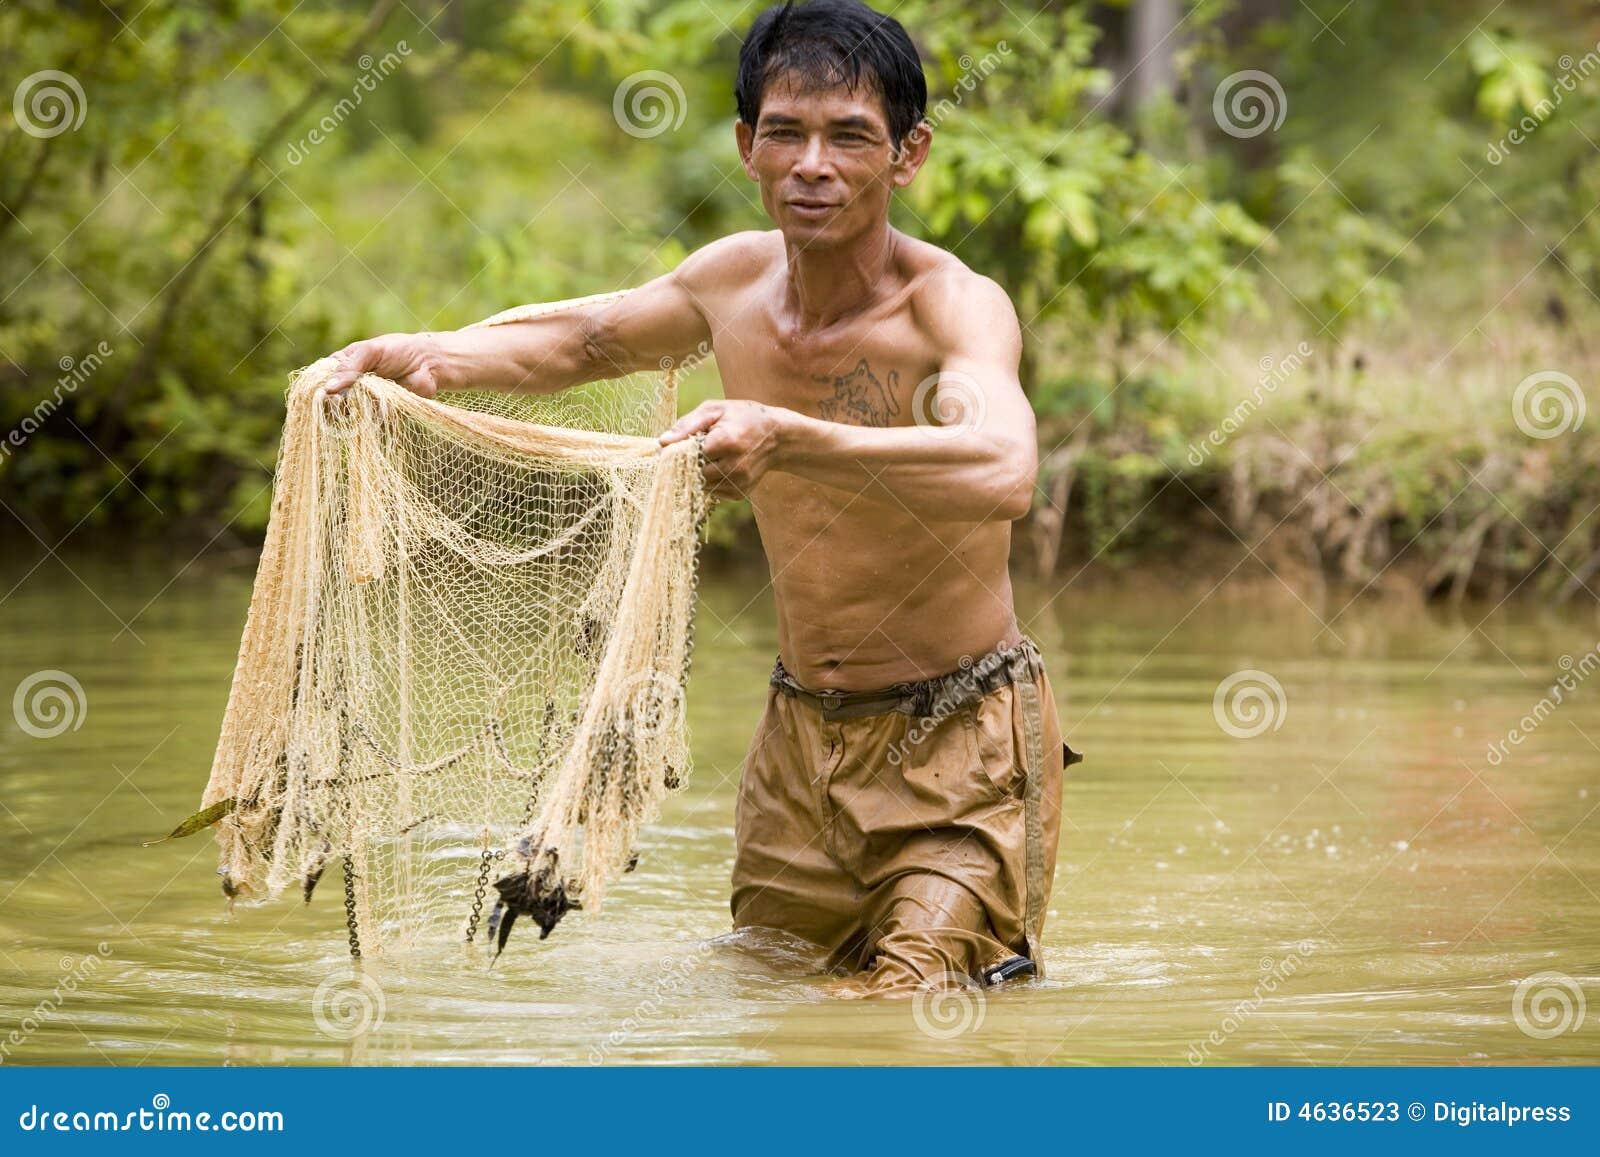 το δίχτυ του ψαρέματος ρίχνει